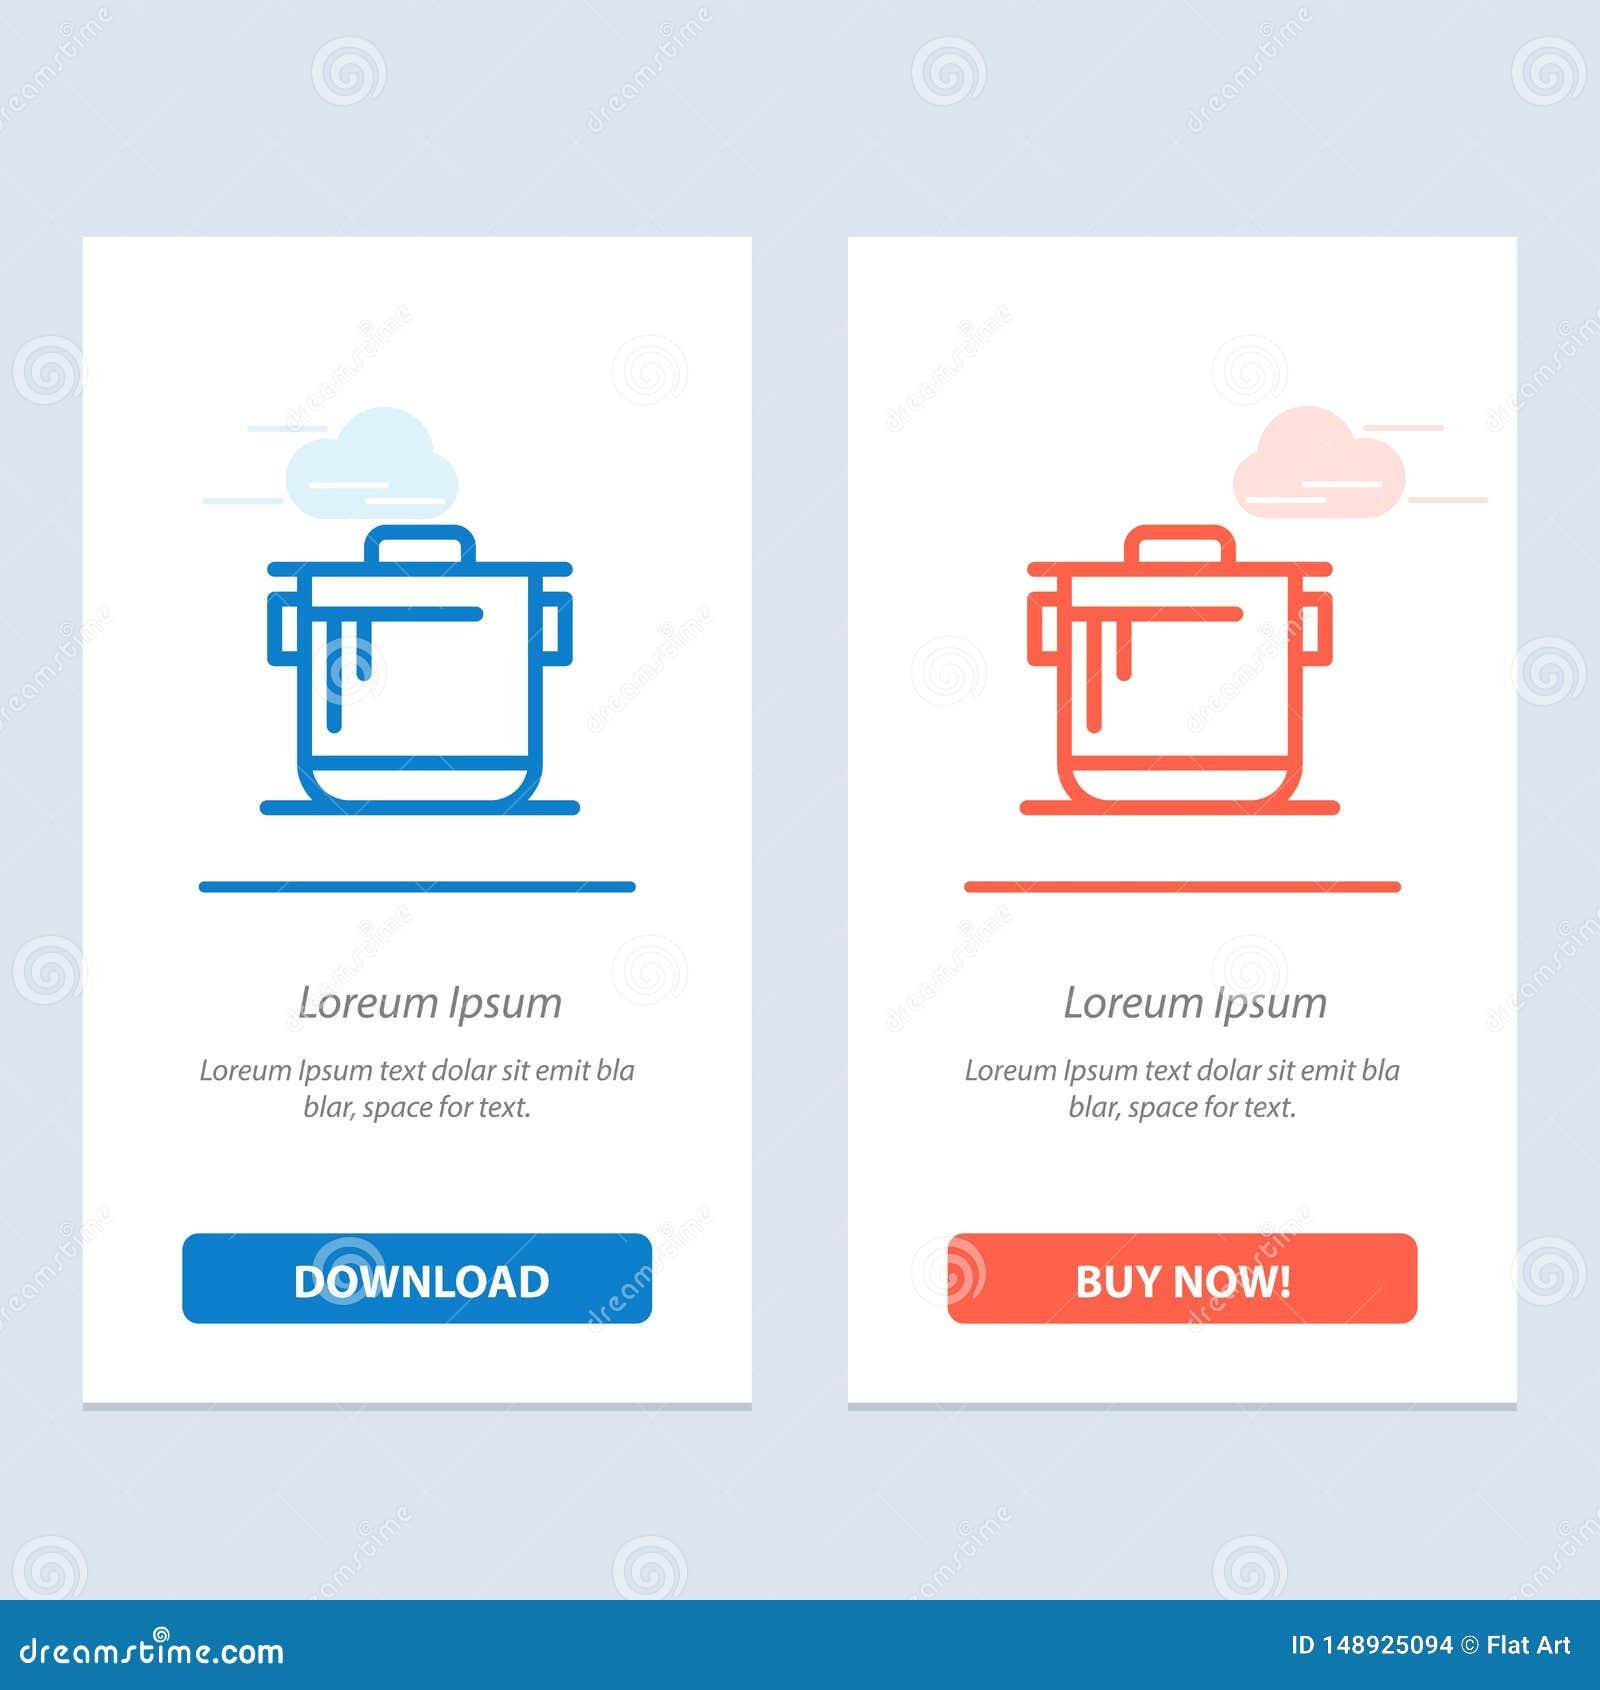 烹饪器材、厨房、米、厨师蓝色和红色下载和现在买网装饰物卡片模板